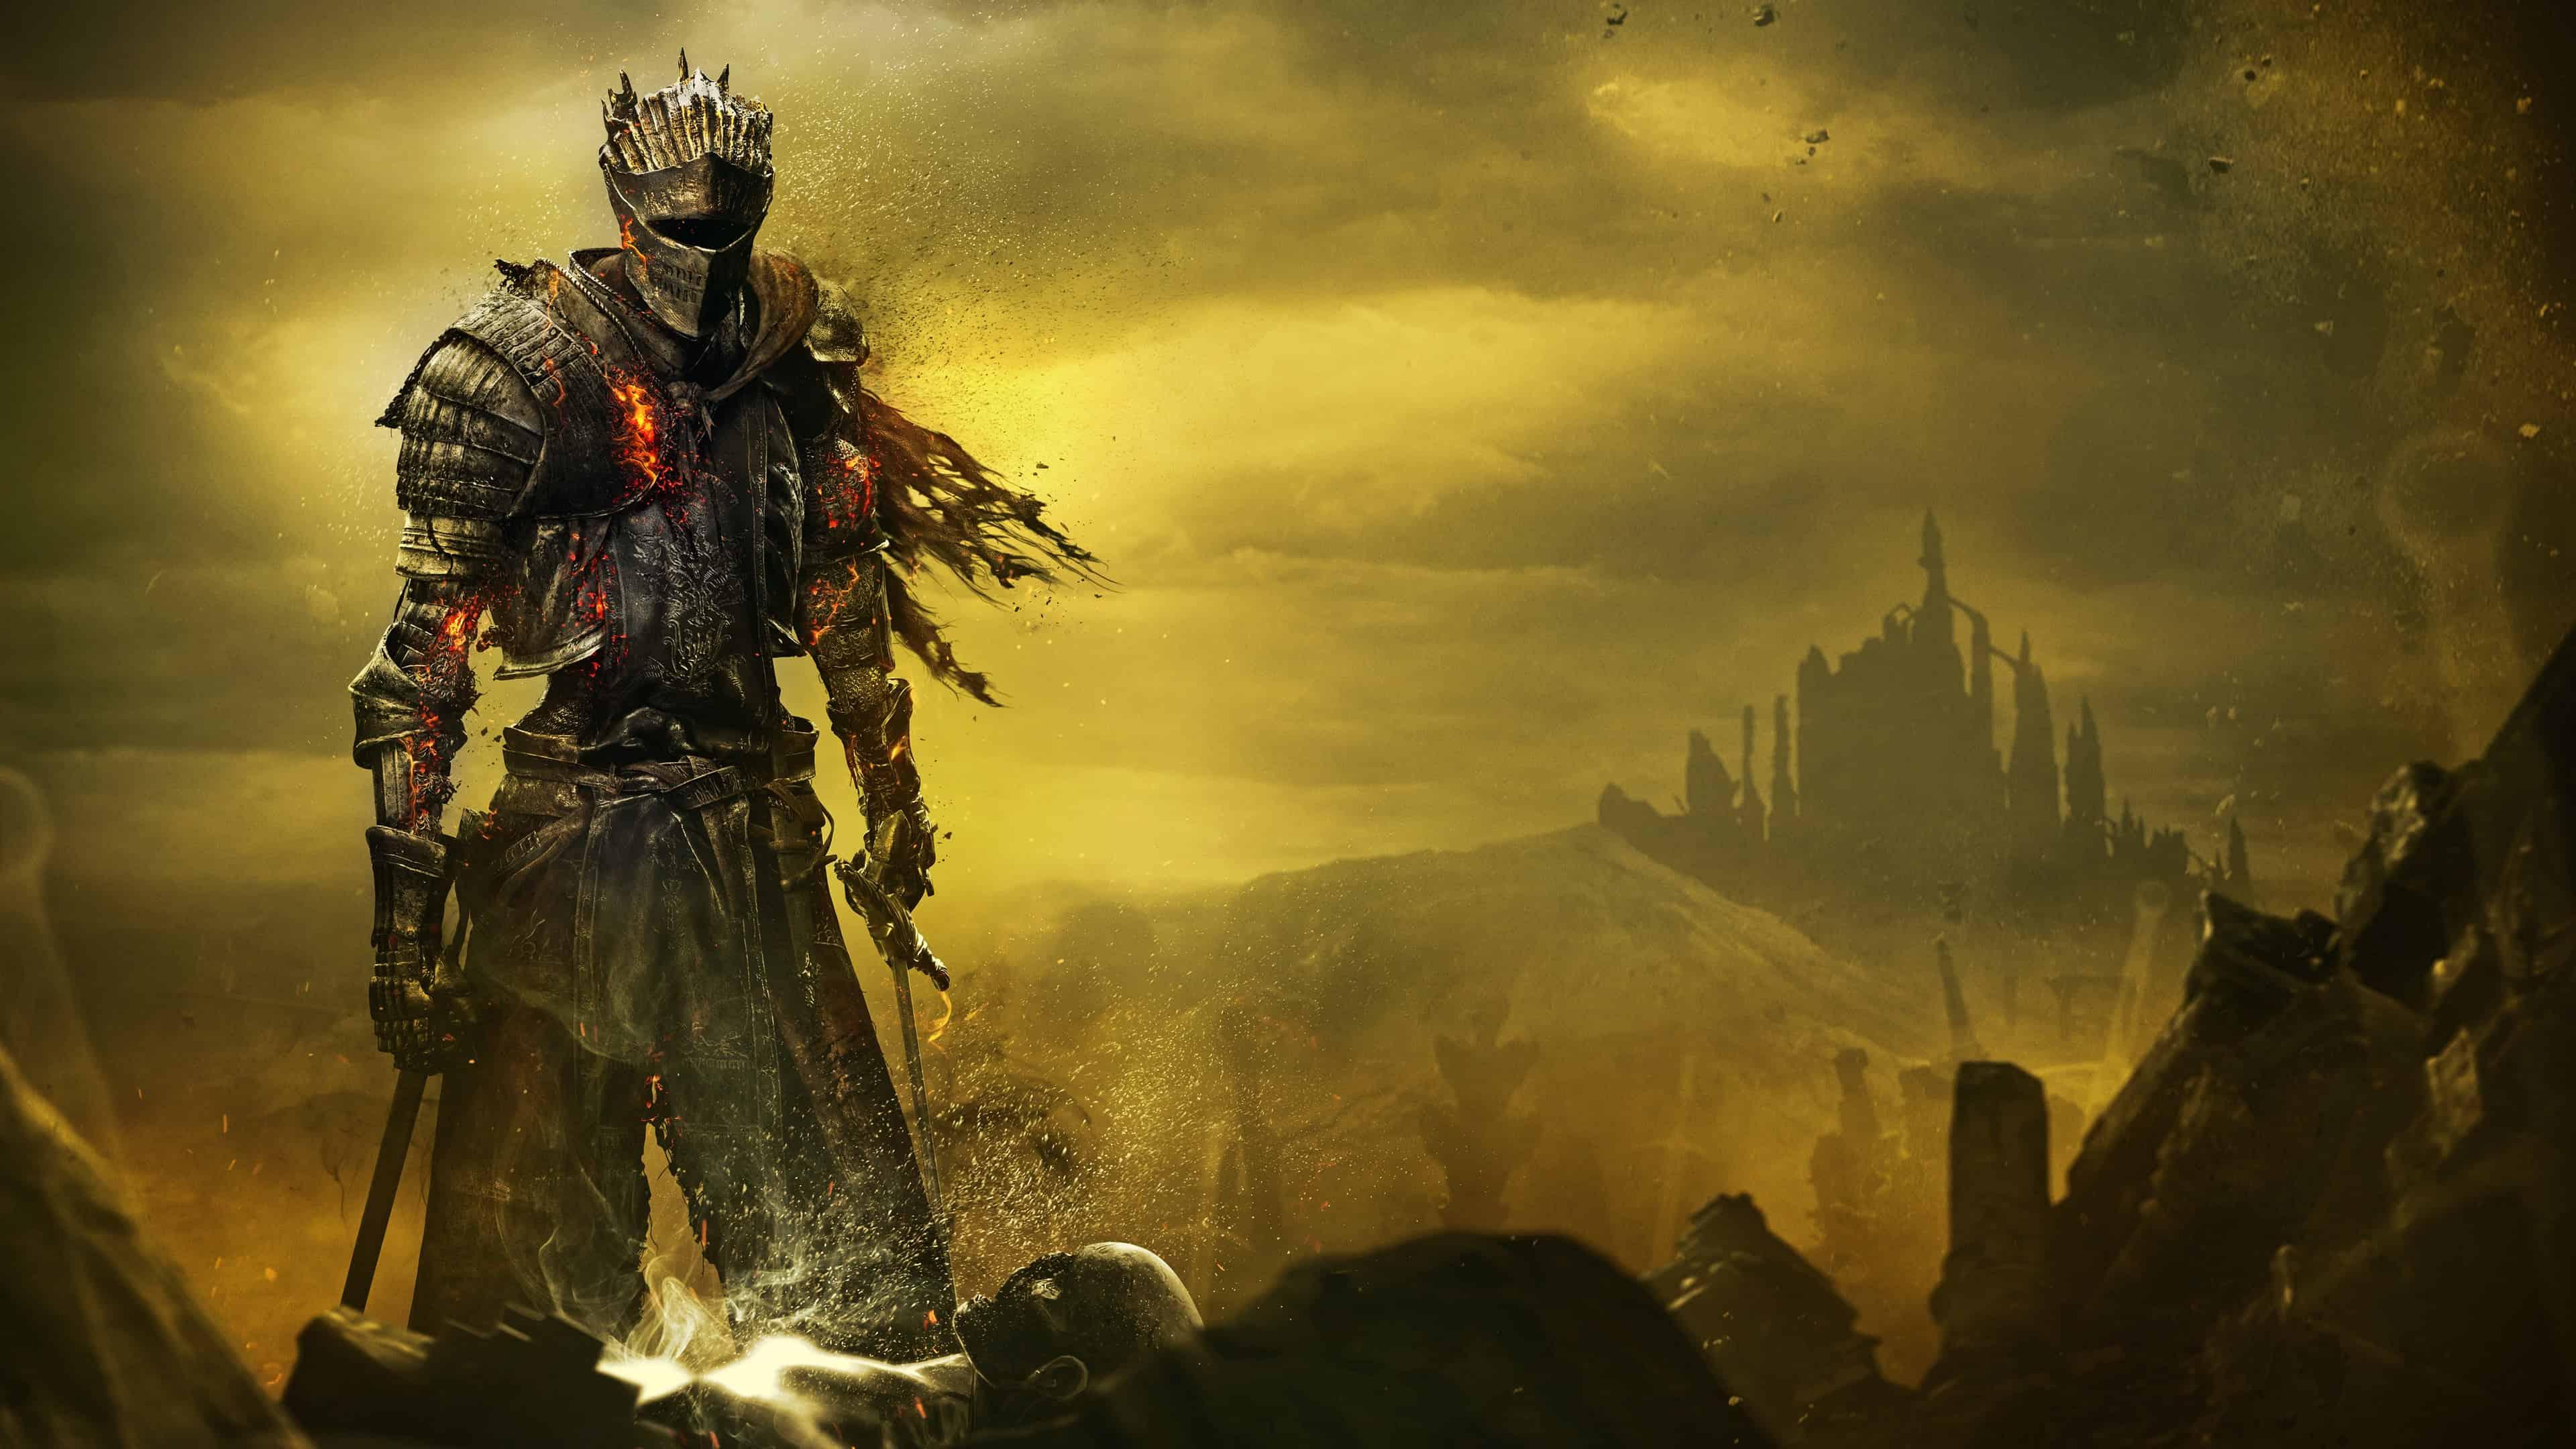 Dark Souls 3 Wallpapers Top Free Dark Souls 3 Backgrounds